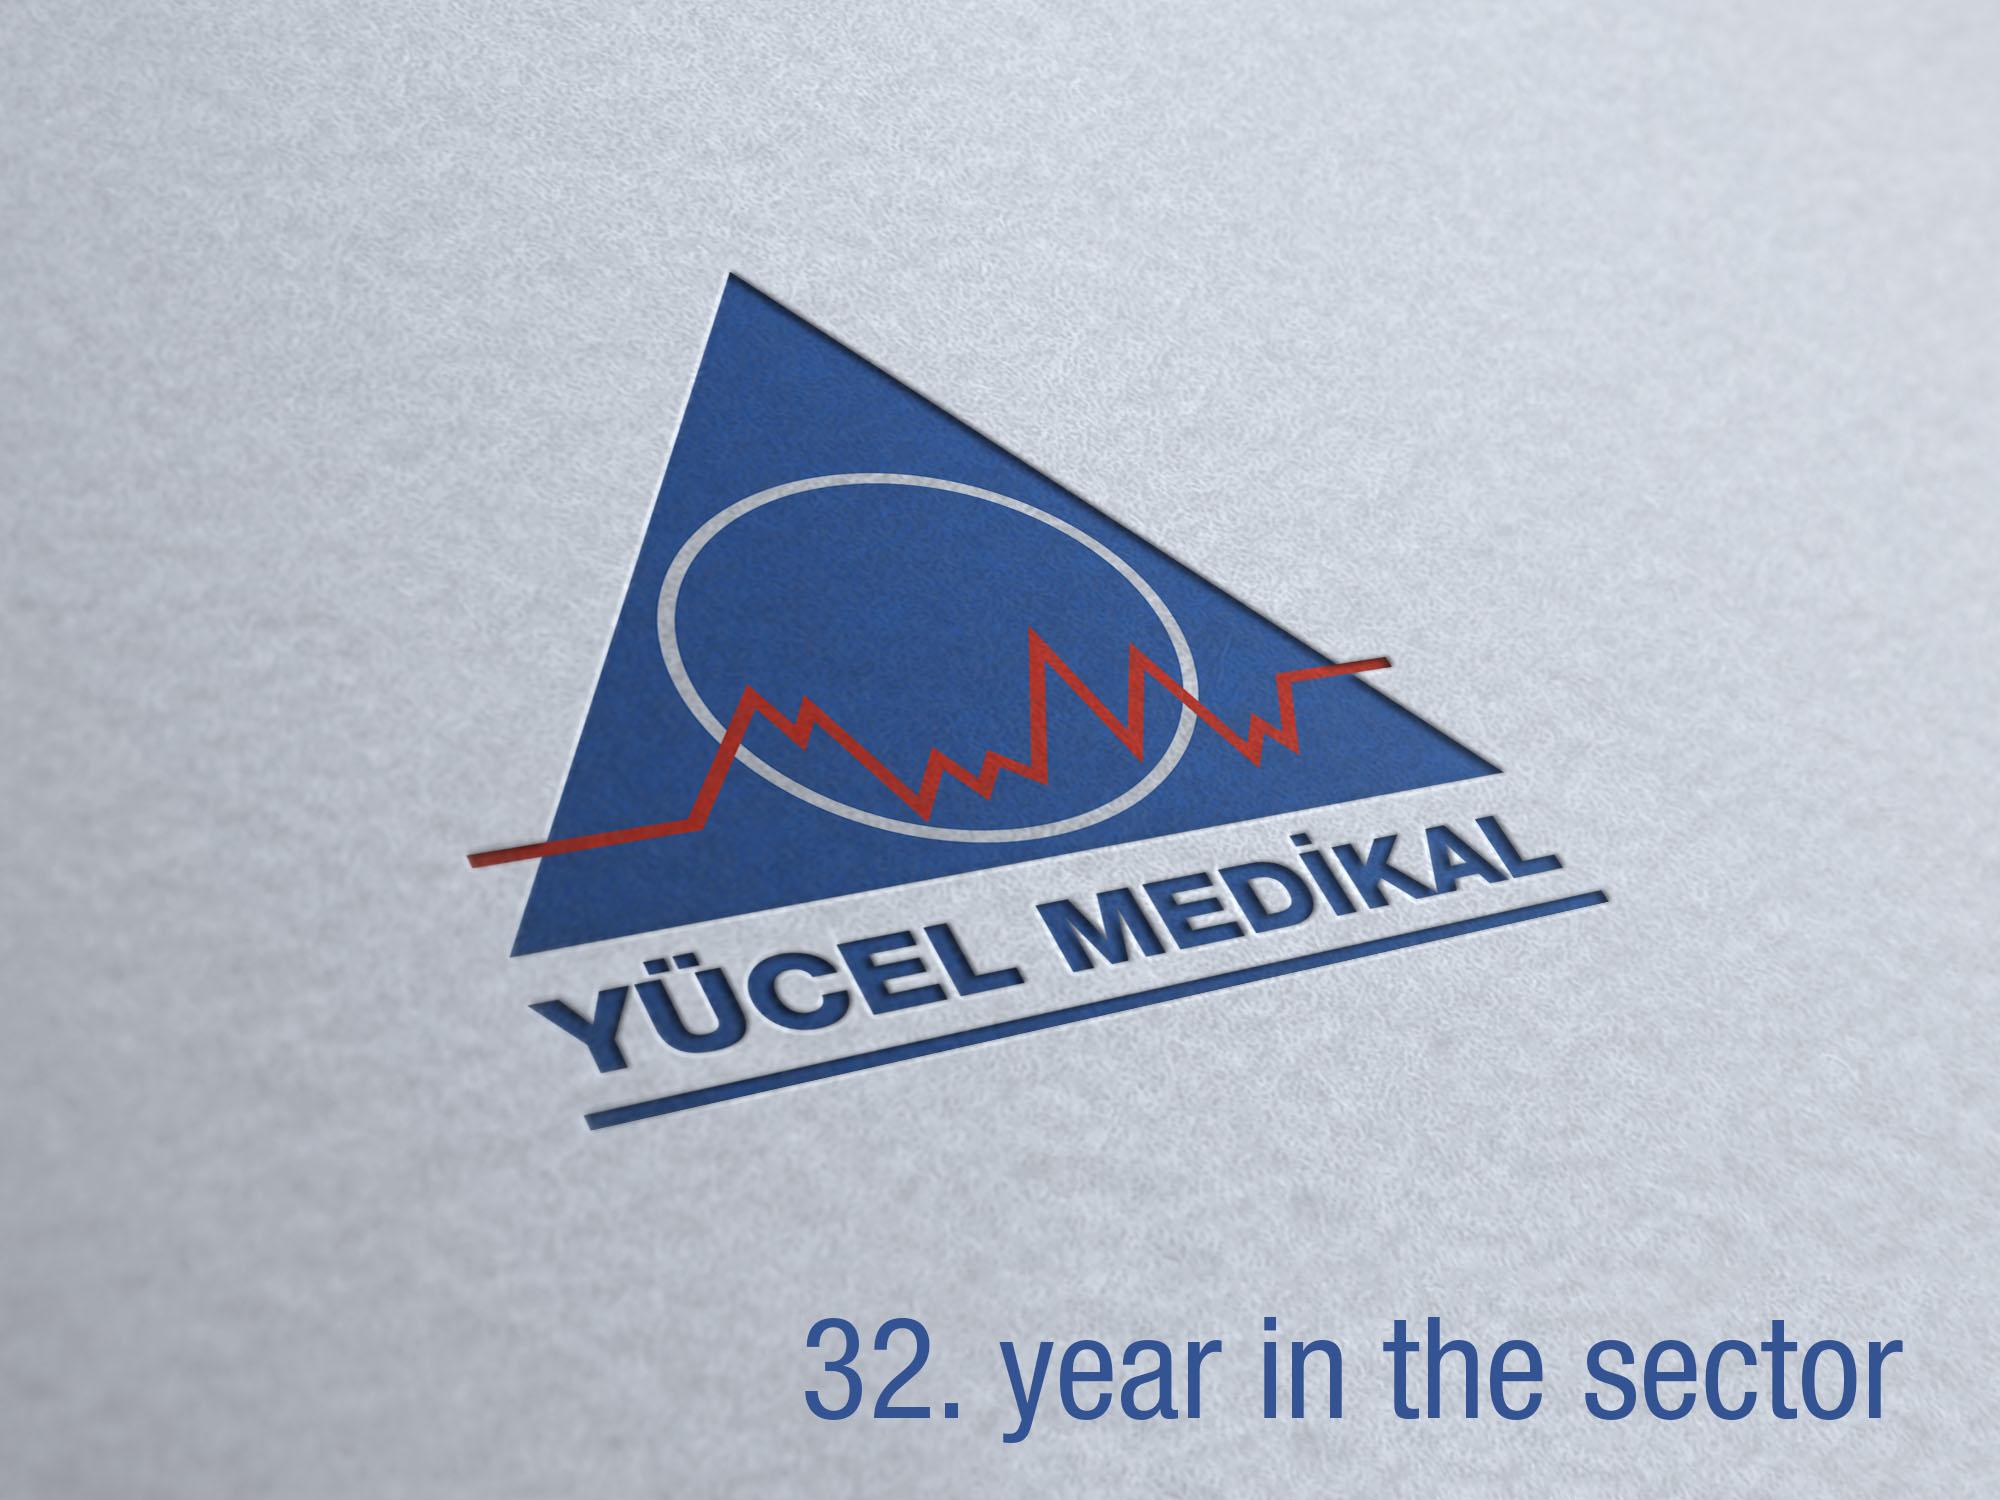 yucel-medikal-logo ingilizce